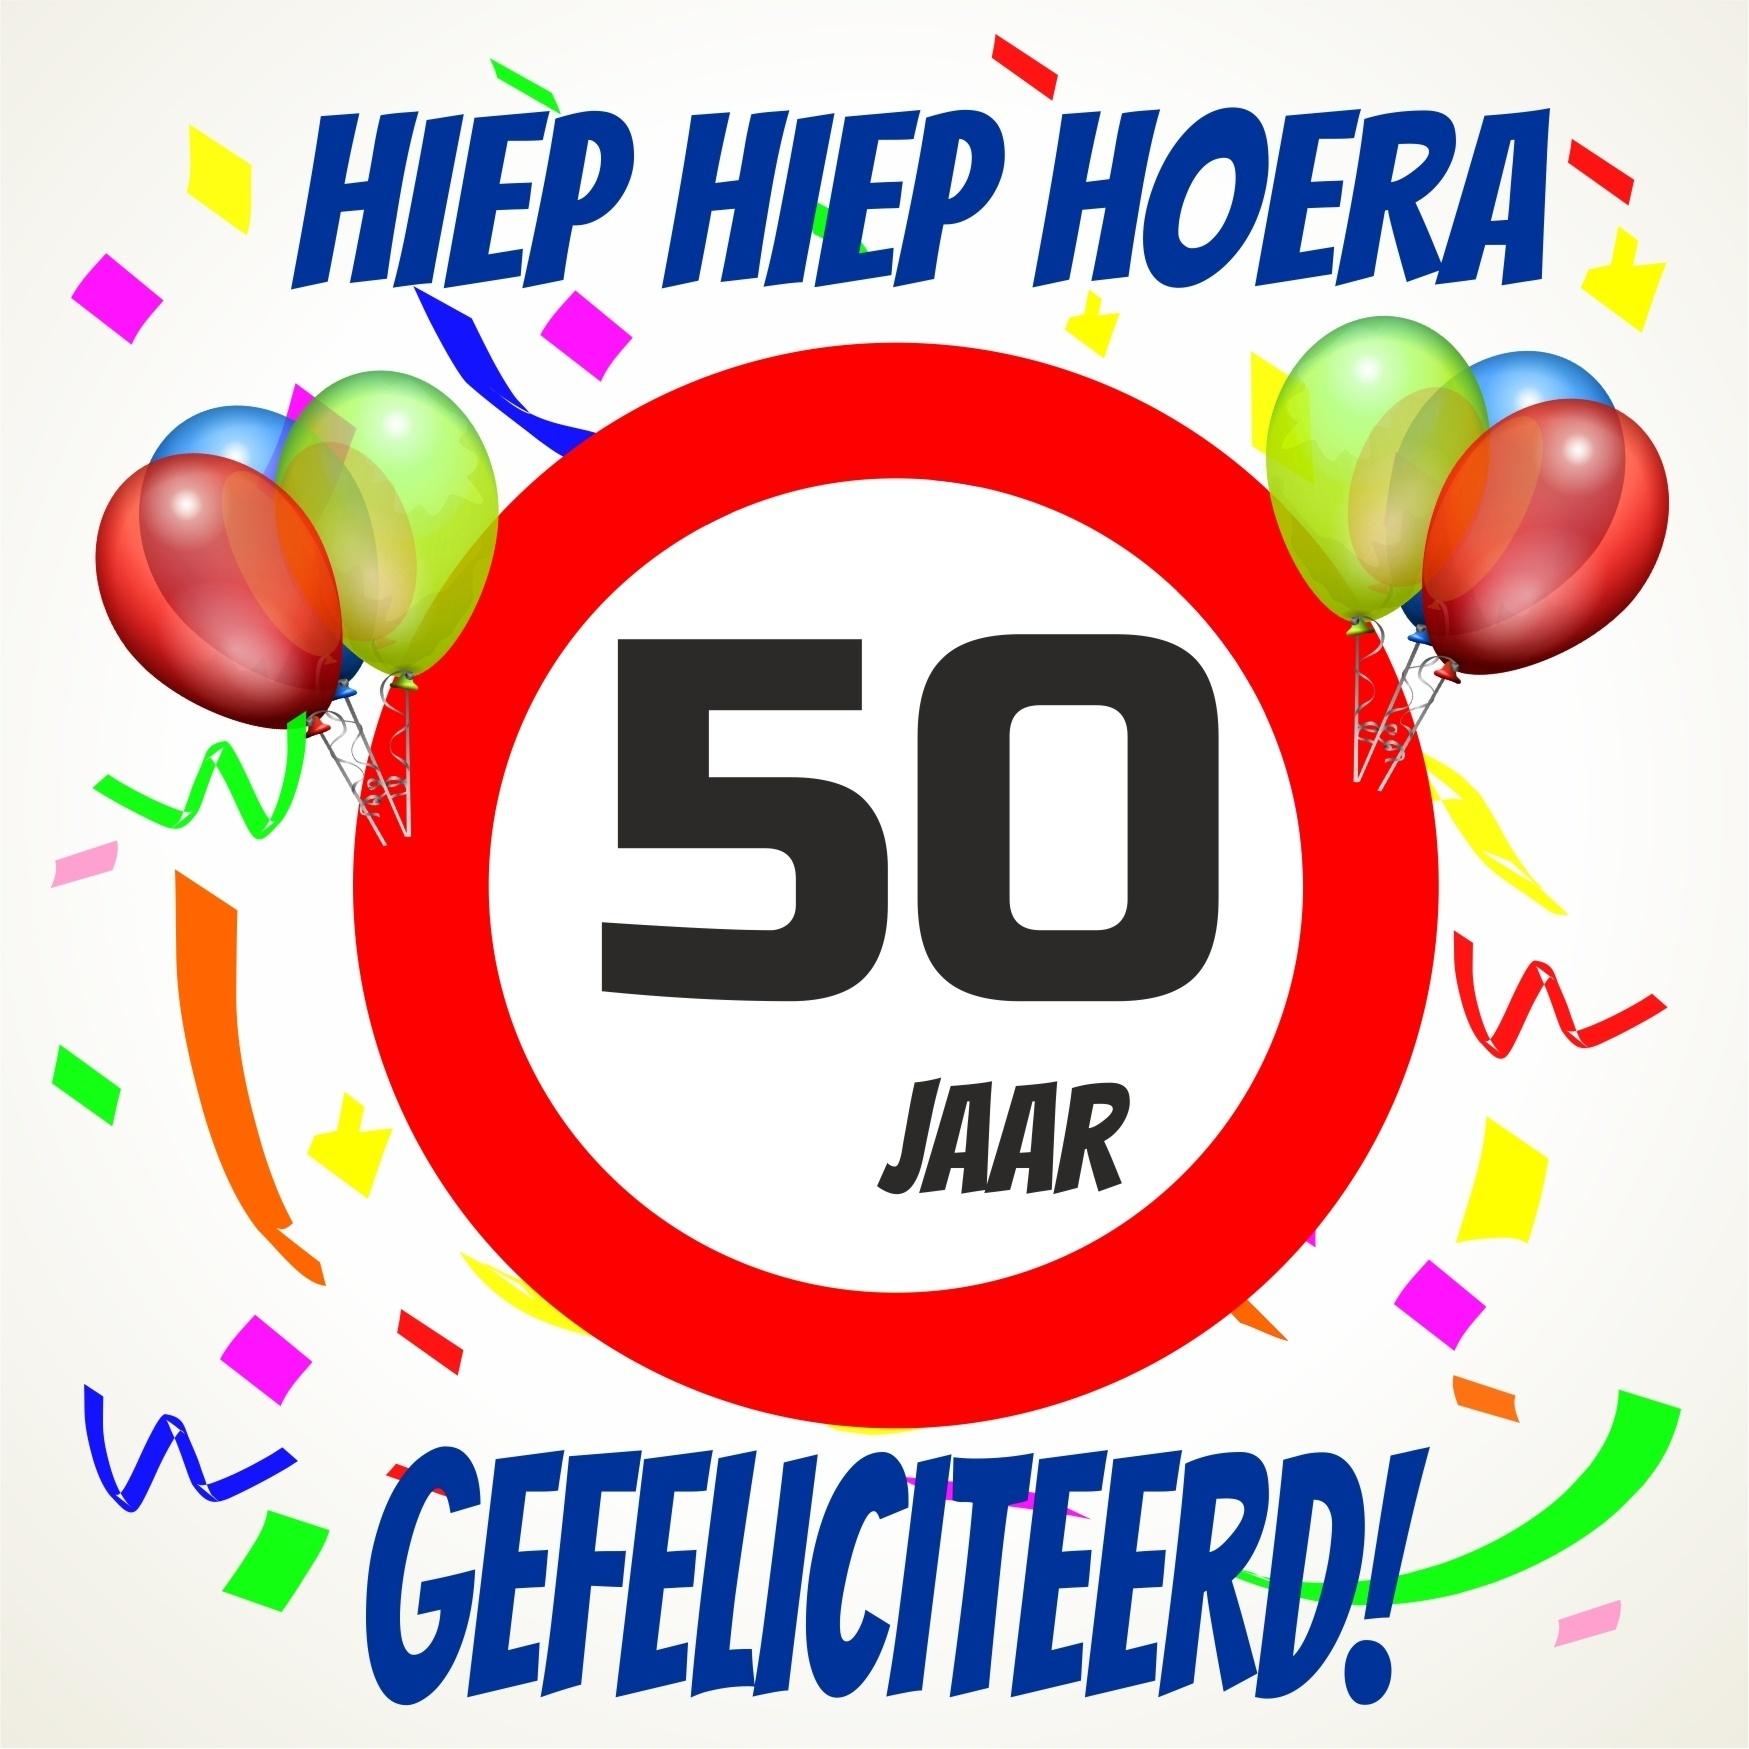 hoera 50 jaar 50 Jaar Gefeliciteerd   ARCHIDEV hoera 50 jaar